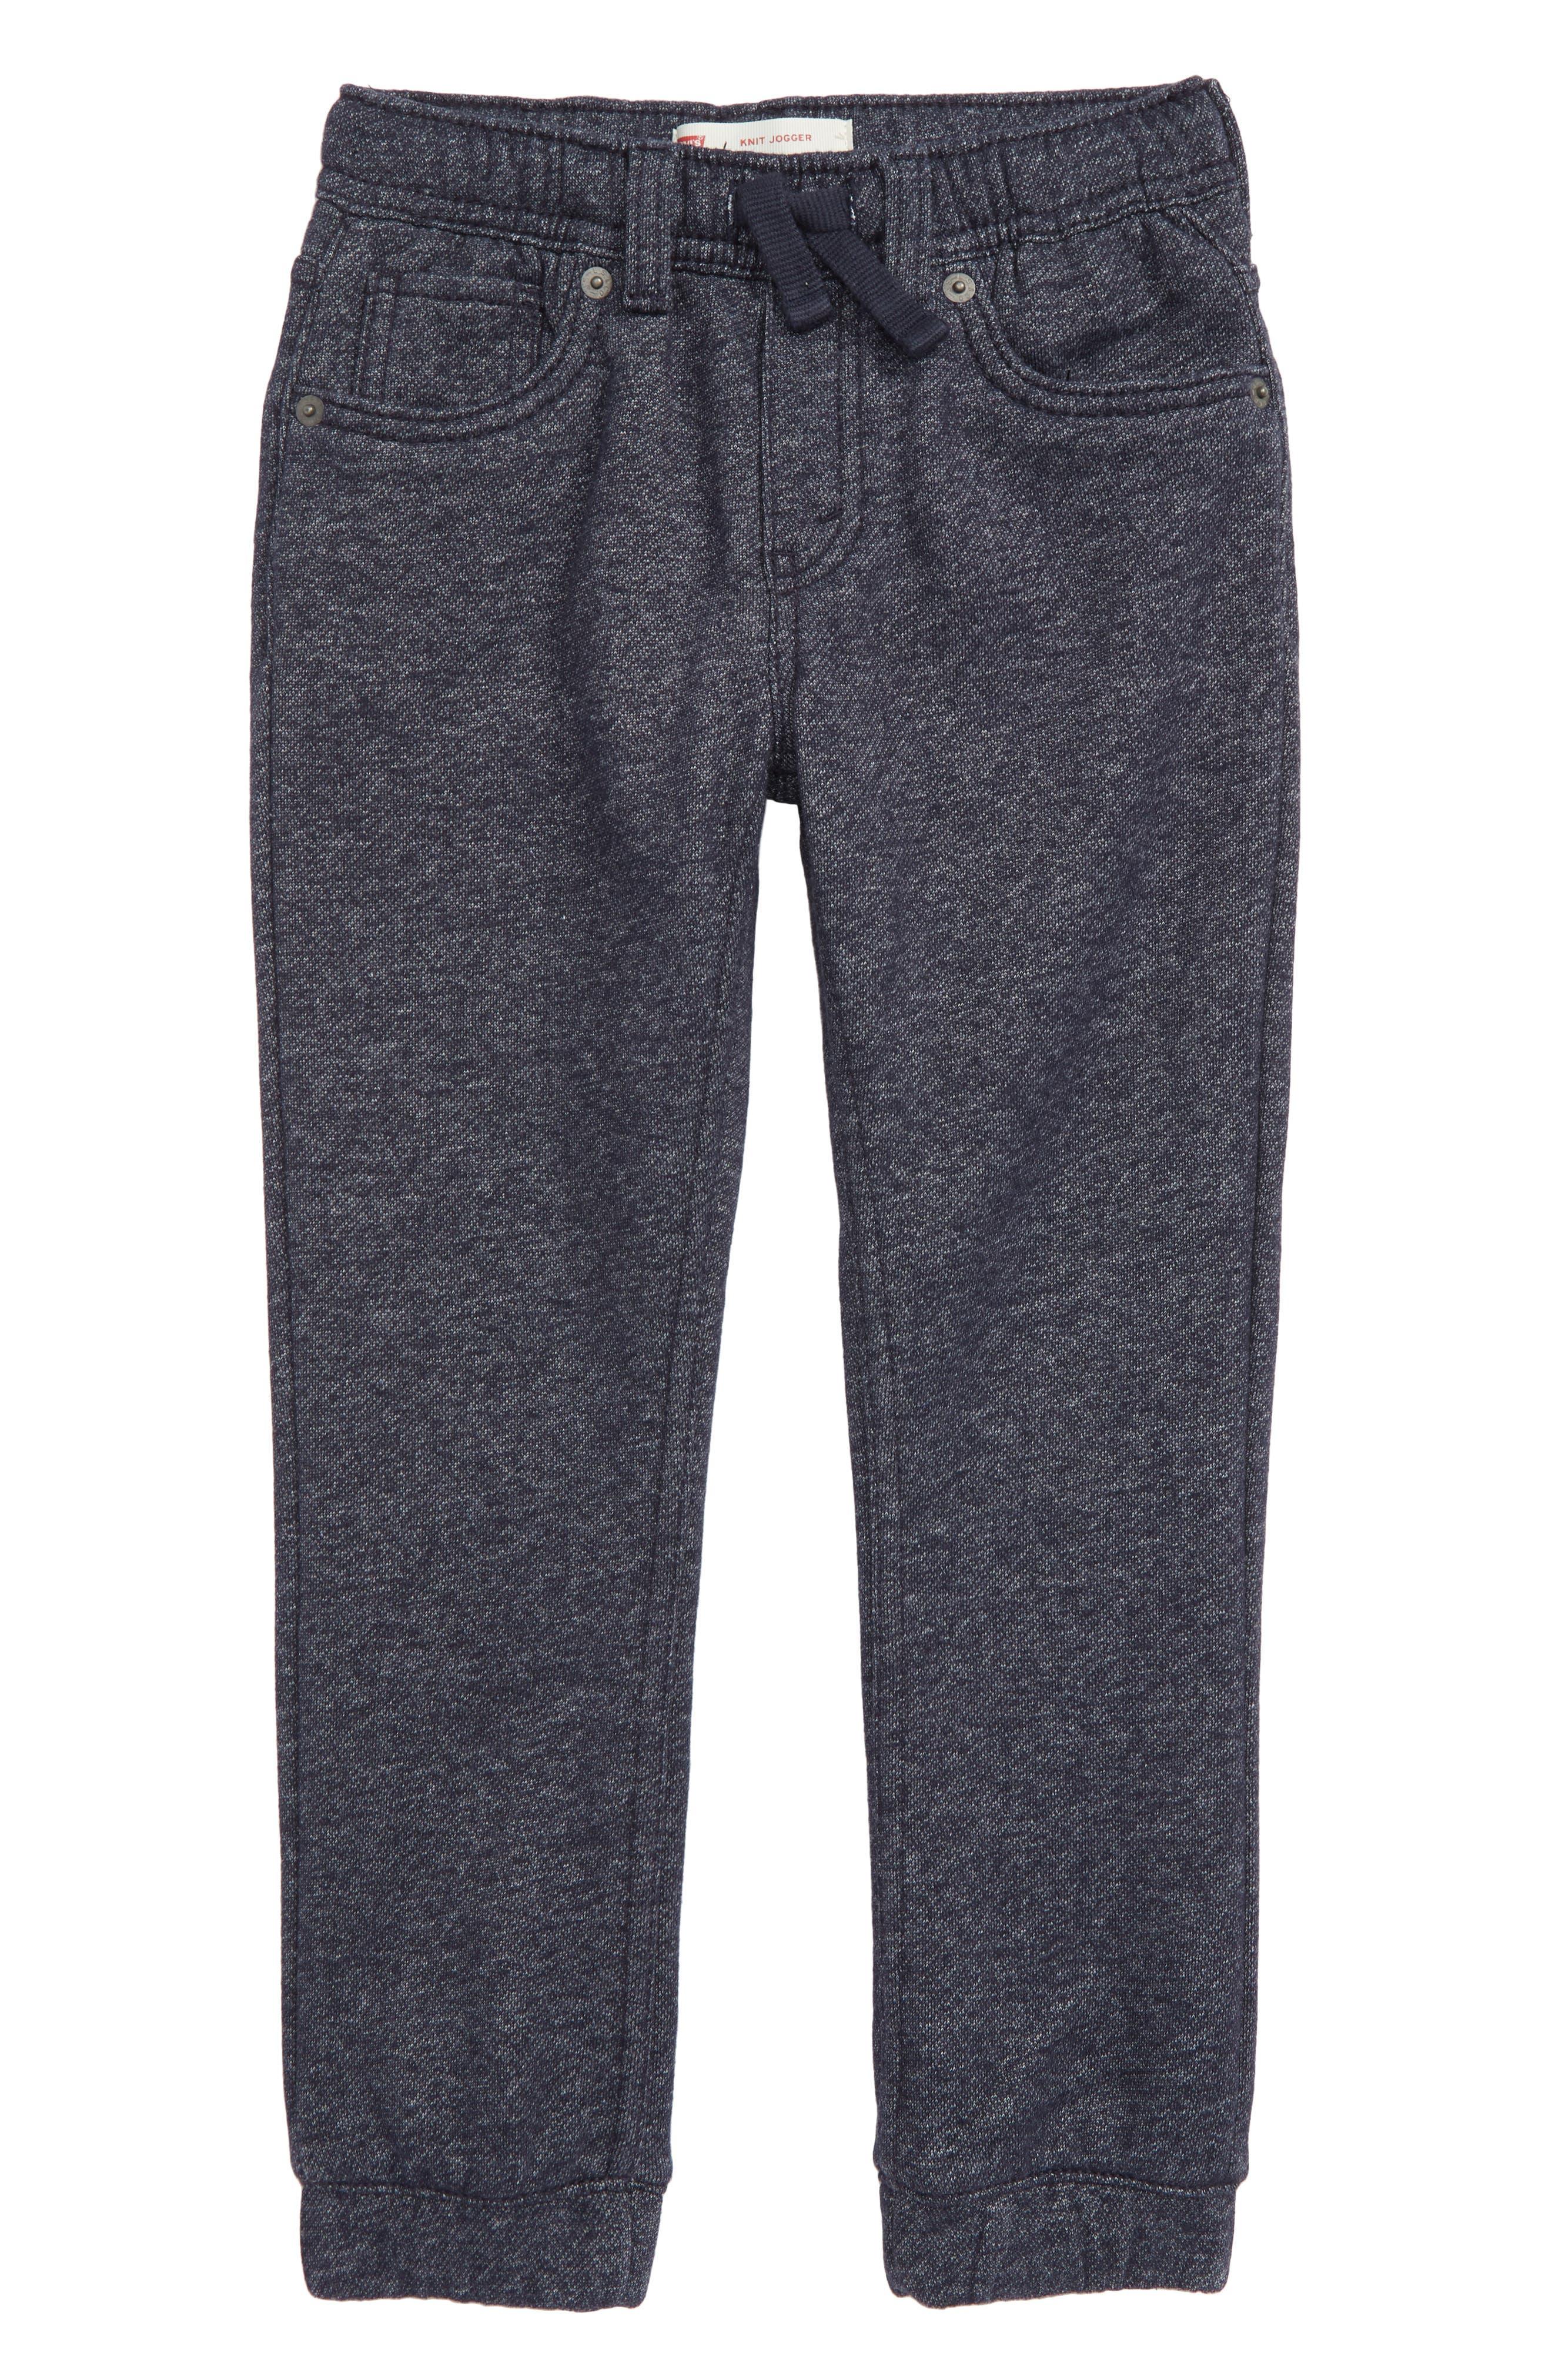 Knit Jogger Pants,                             Main thumbnail 1, color,                             410